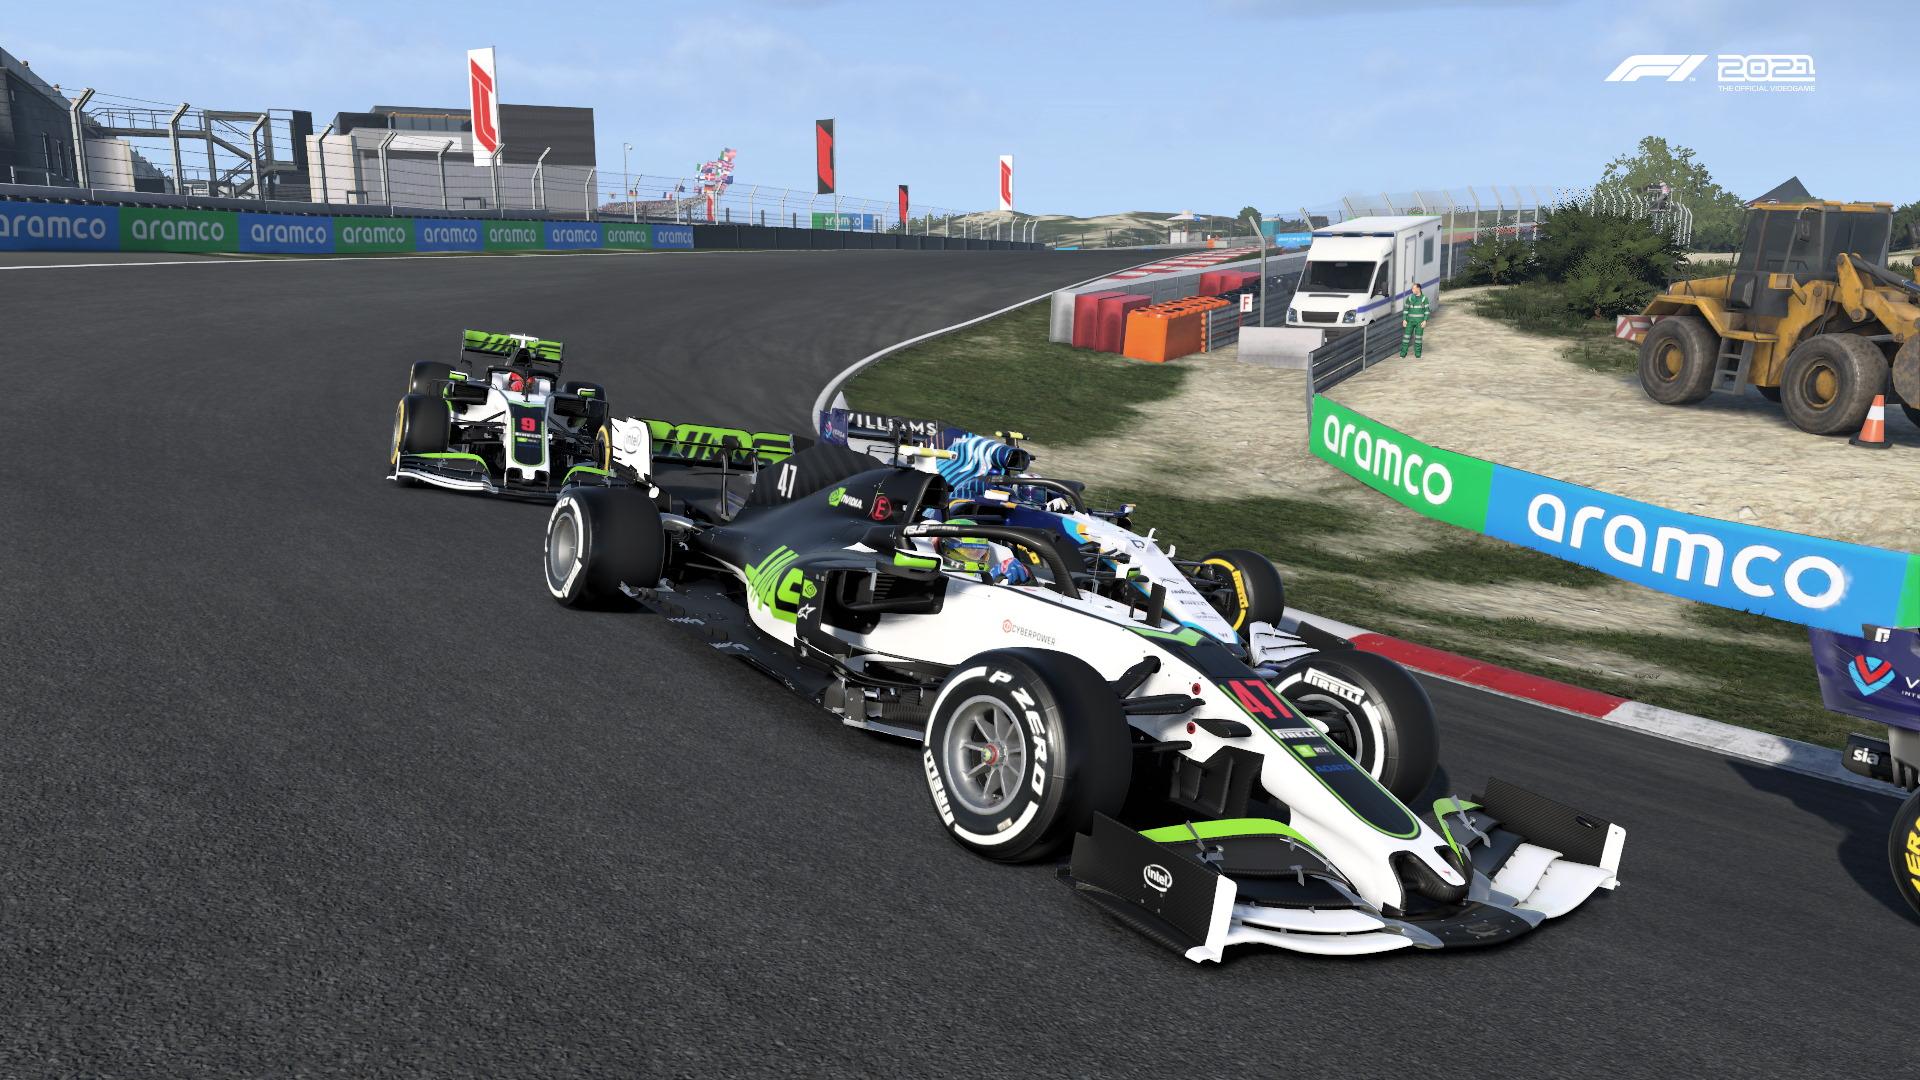 F1 2021 Screenshot 2021.07.28 - 14.35.10.94.jpg